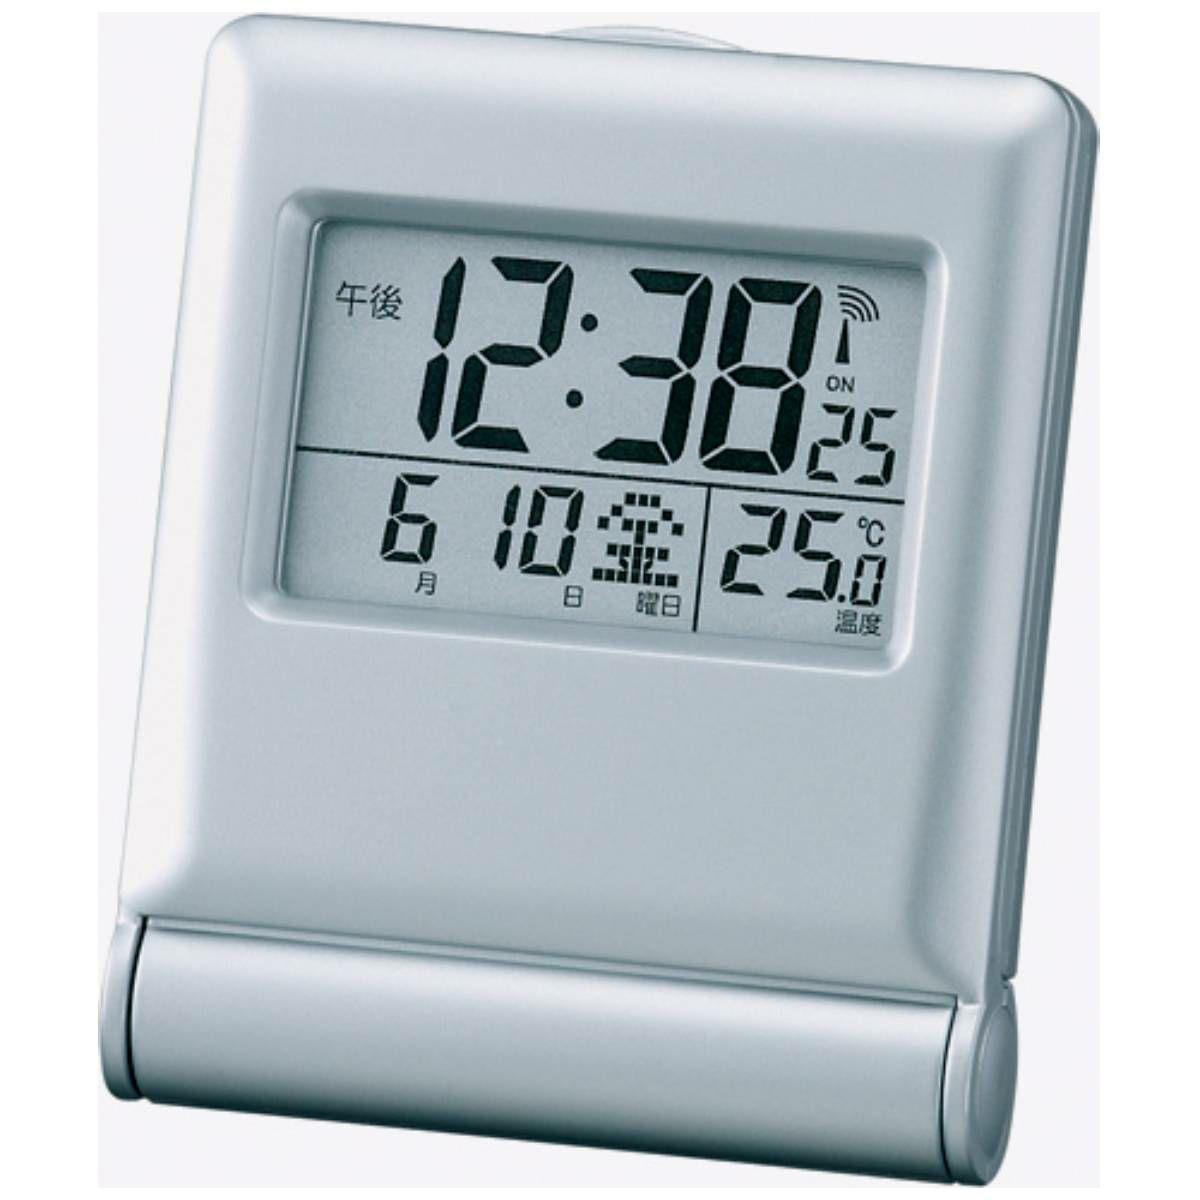 MAG(マグ) ミニサイズ デジタル 電波オンオフ機能付き 置時計 目覚まし時計 ミネルバ T-714 海外旅行 出張 ビジネス 入院 記念品 ギフト 名入れ 1台